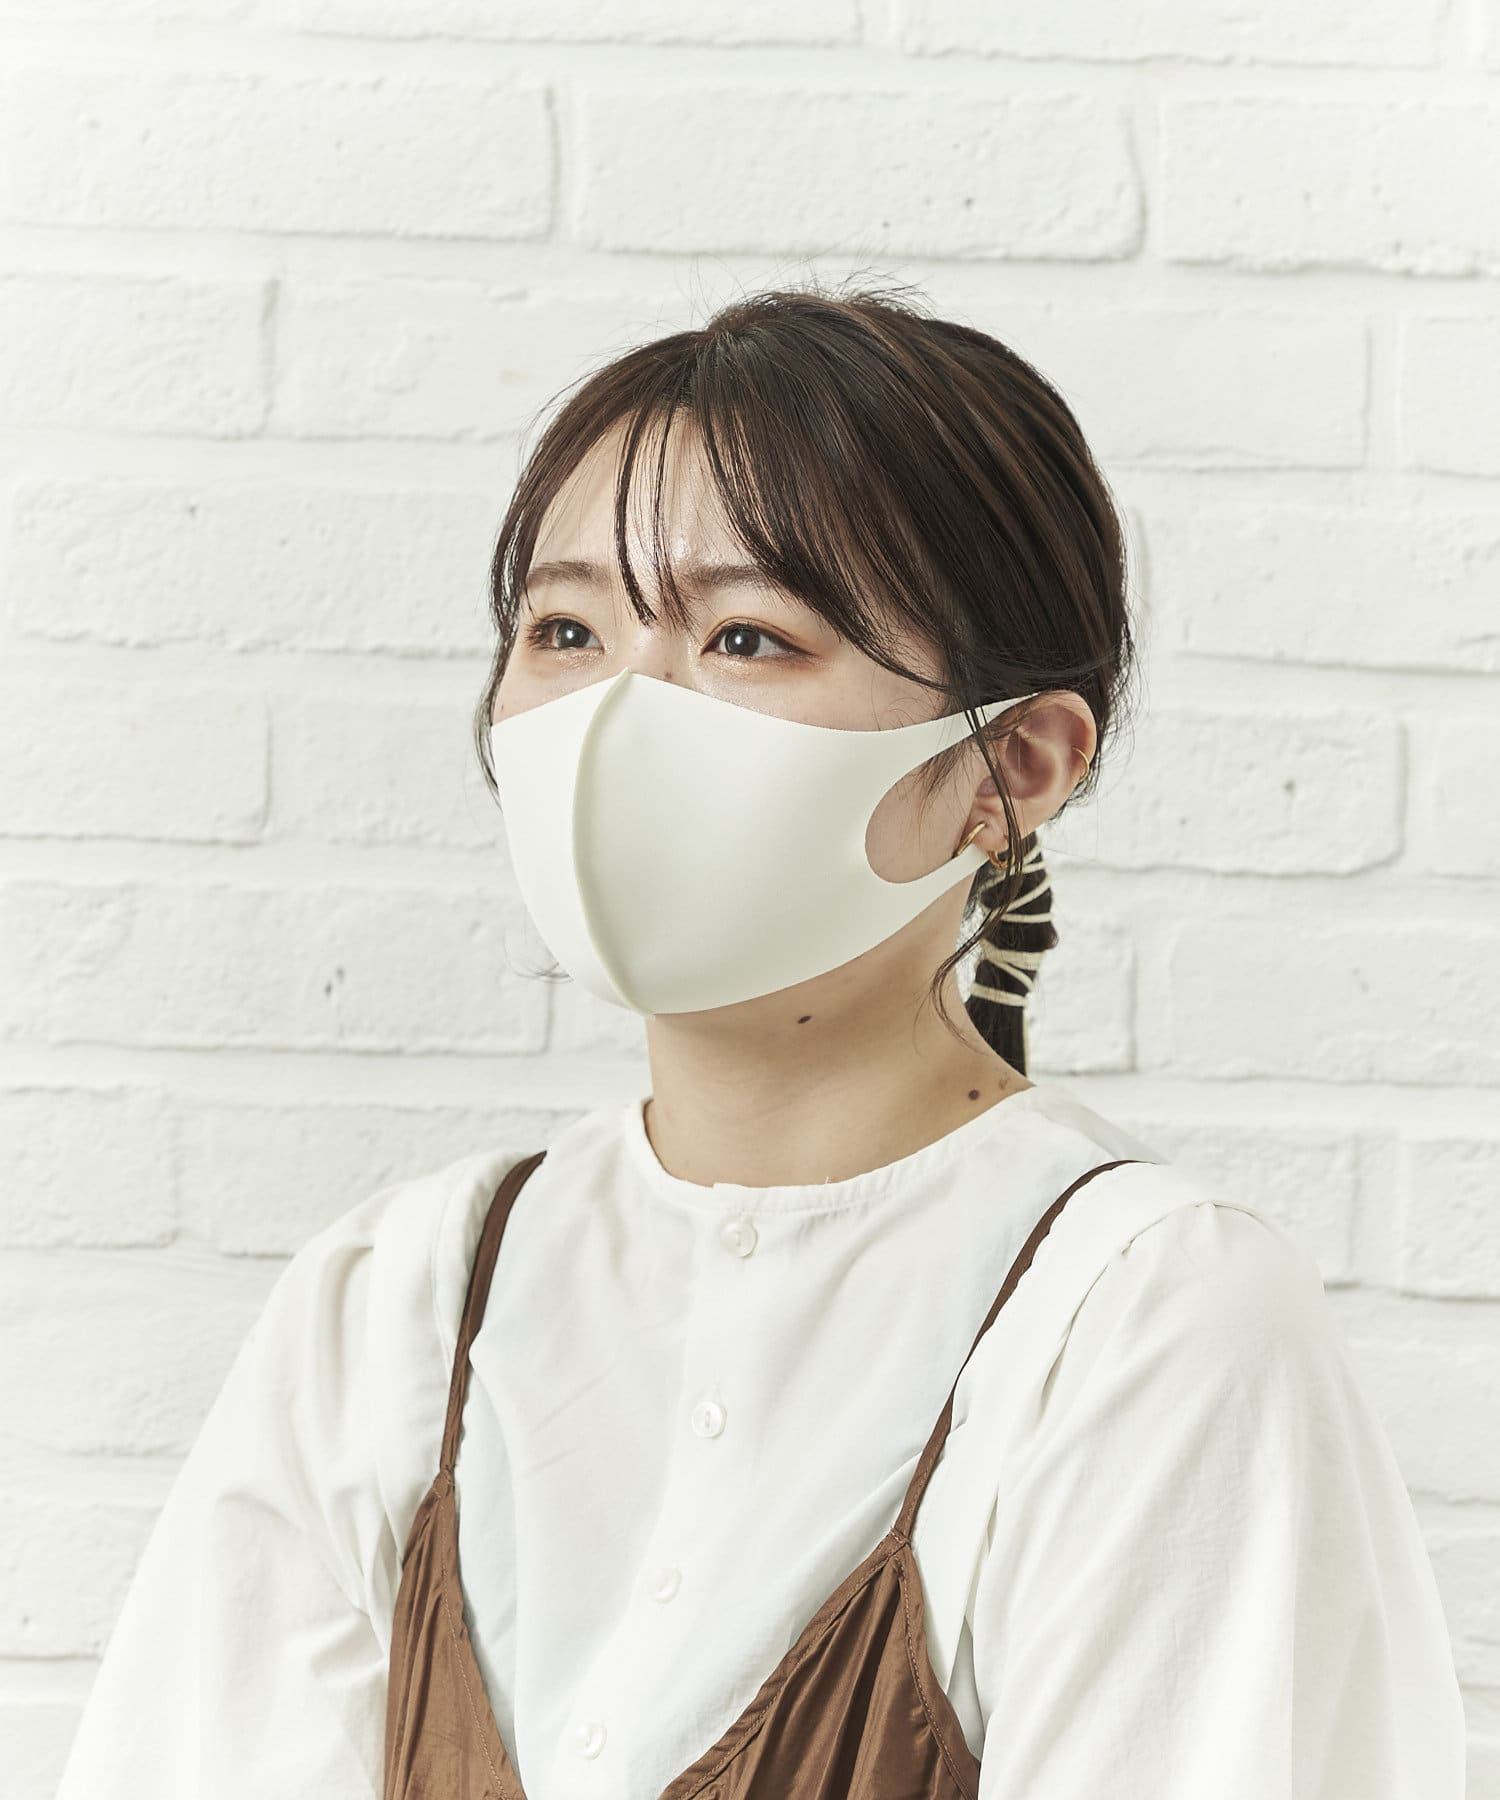 salut!(サリュ) レディース 冷感洗えるマスク4枚入り(大人用小さめサイズ) その他